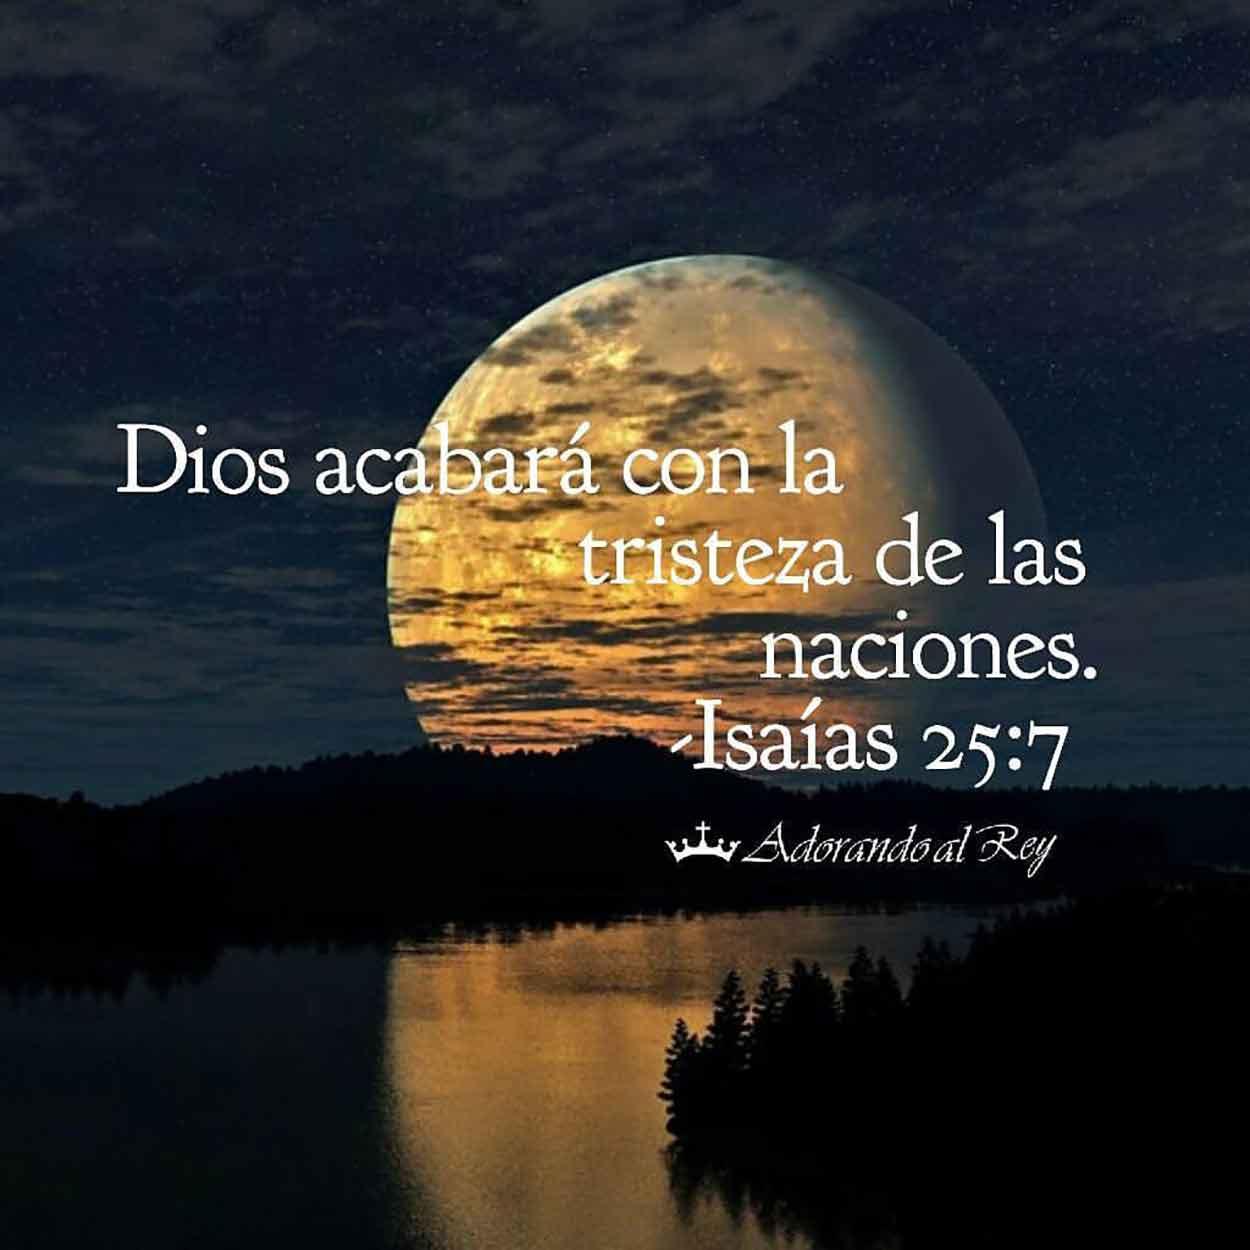 Isaías 25:7